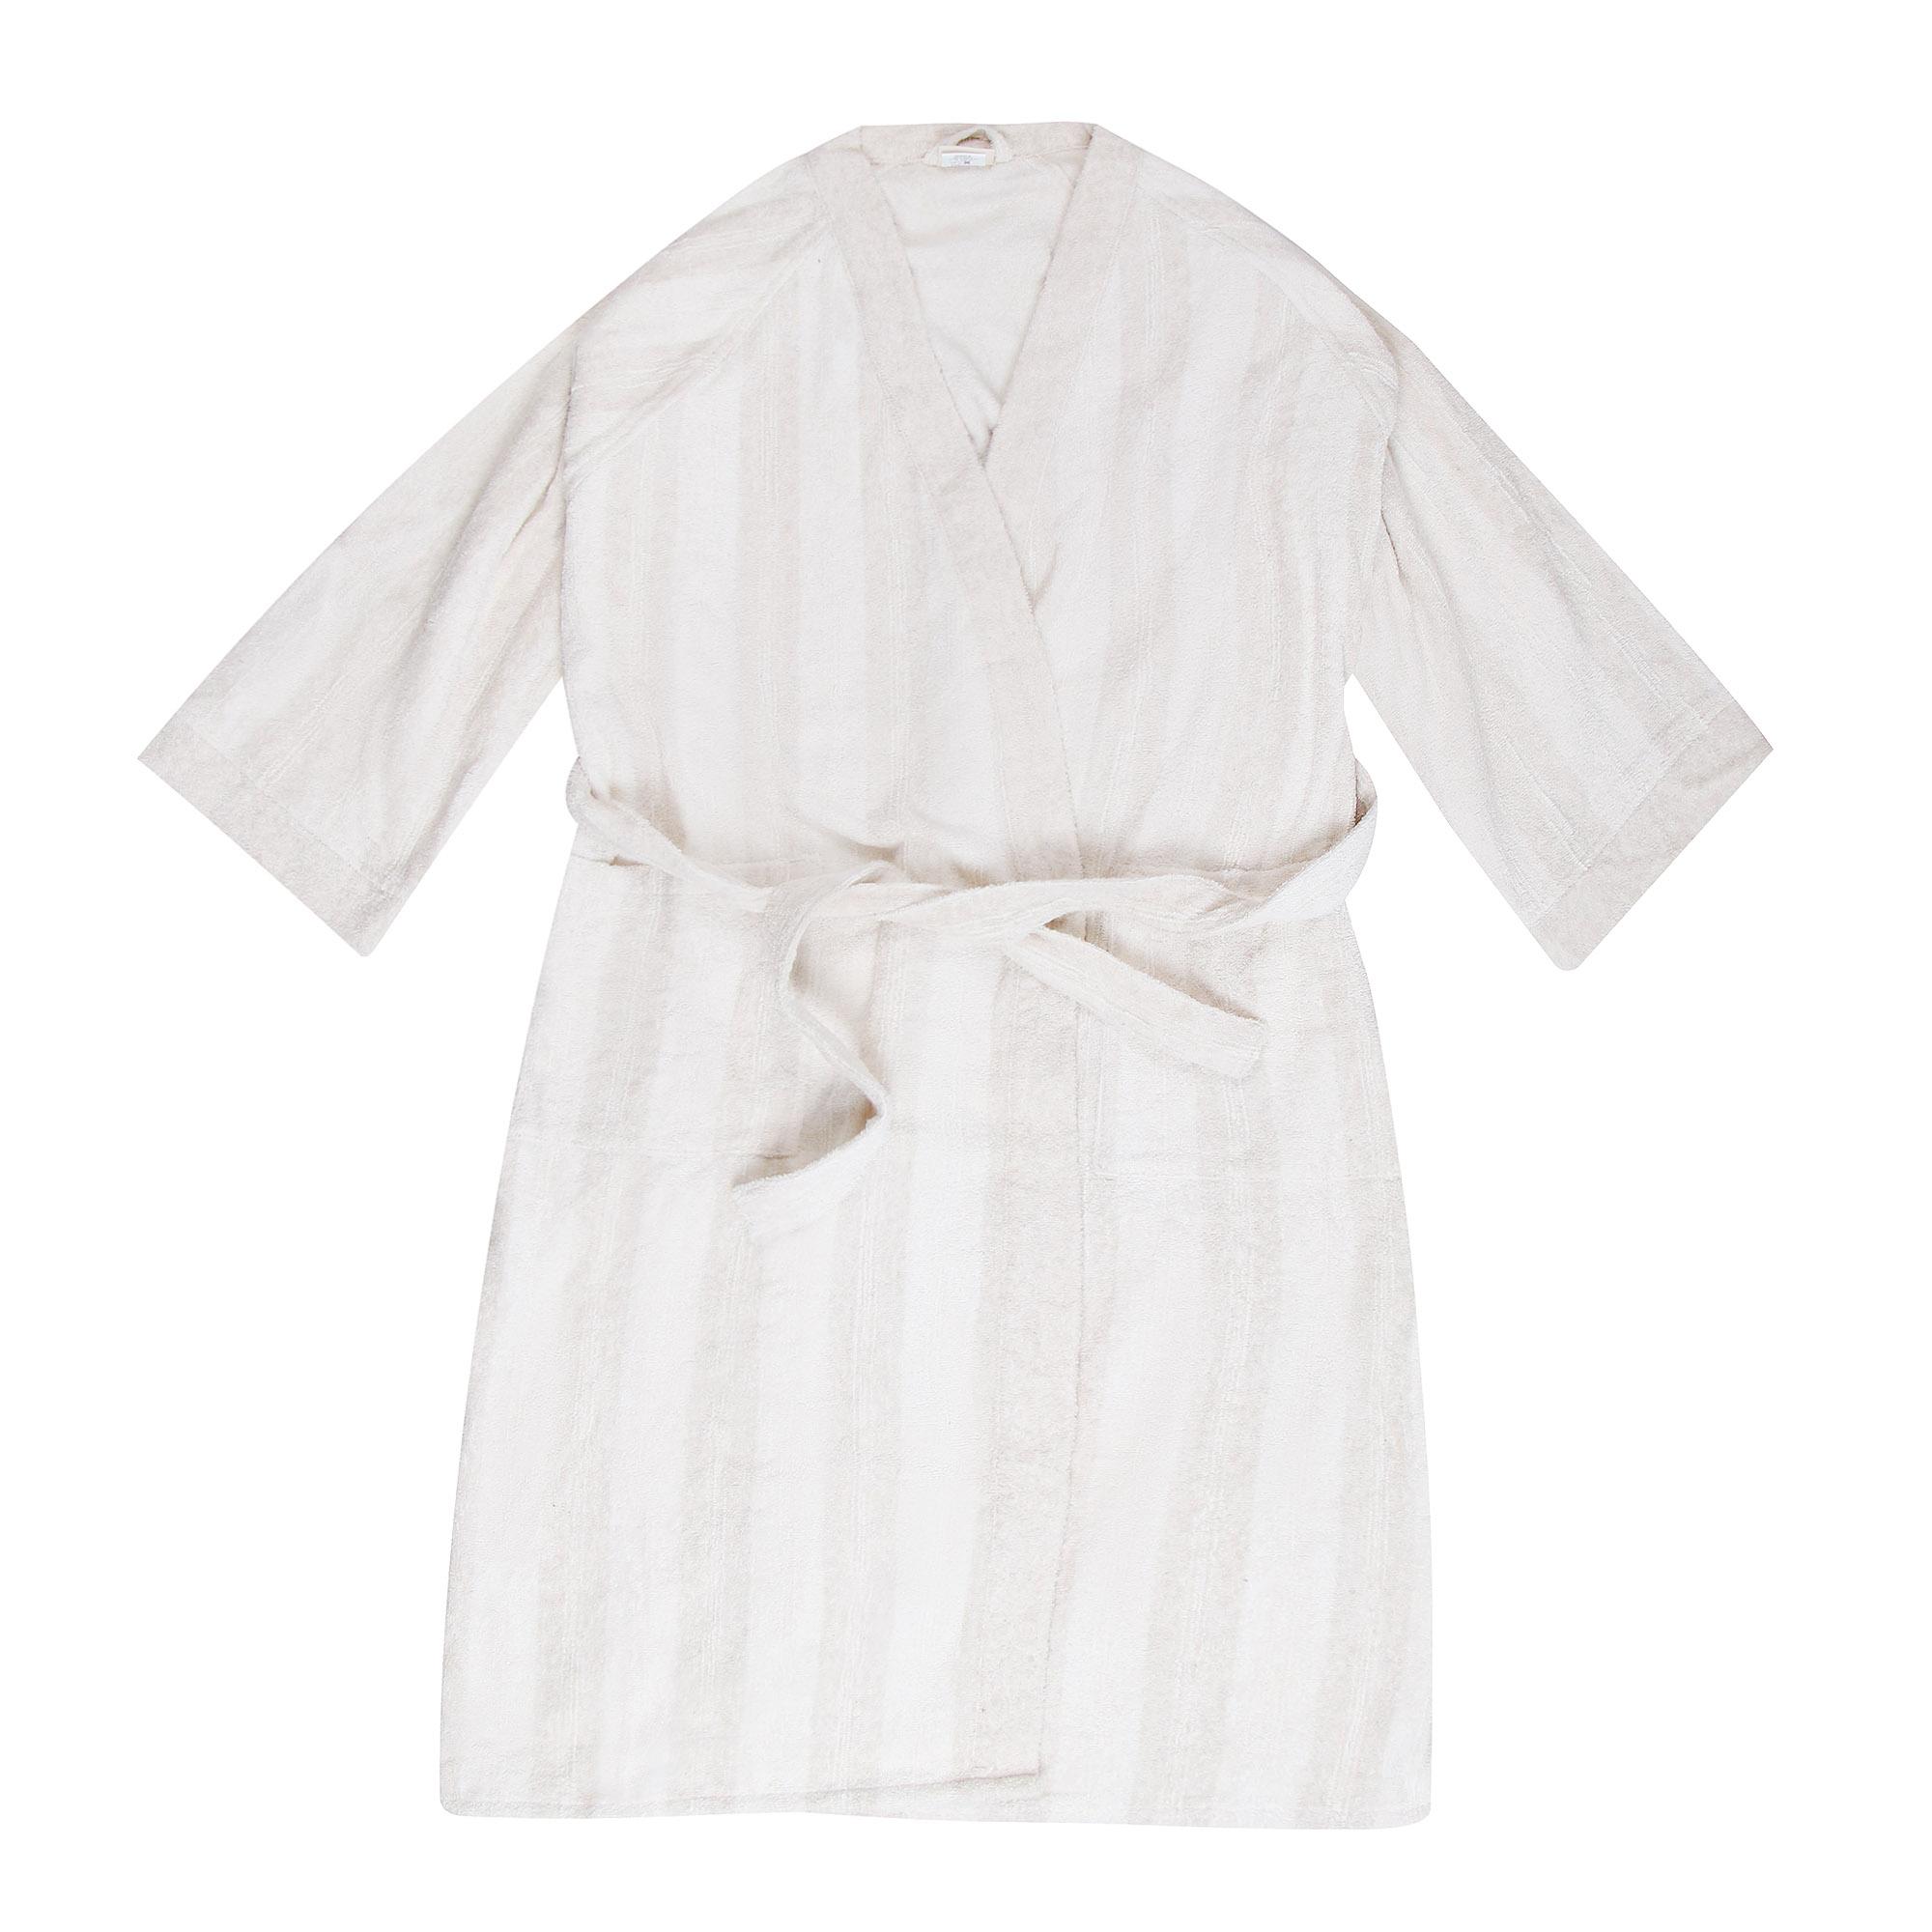 Халат женский махровый Svilanit s халат женский essential серый размер s